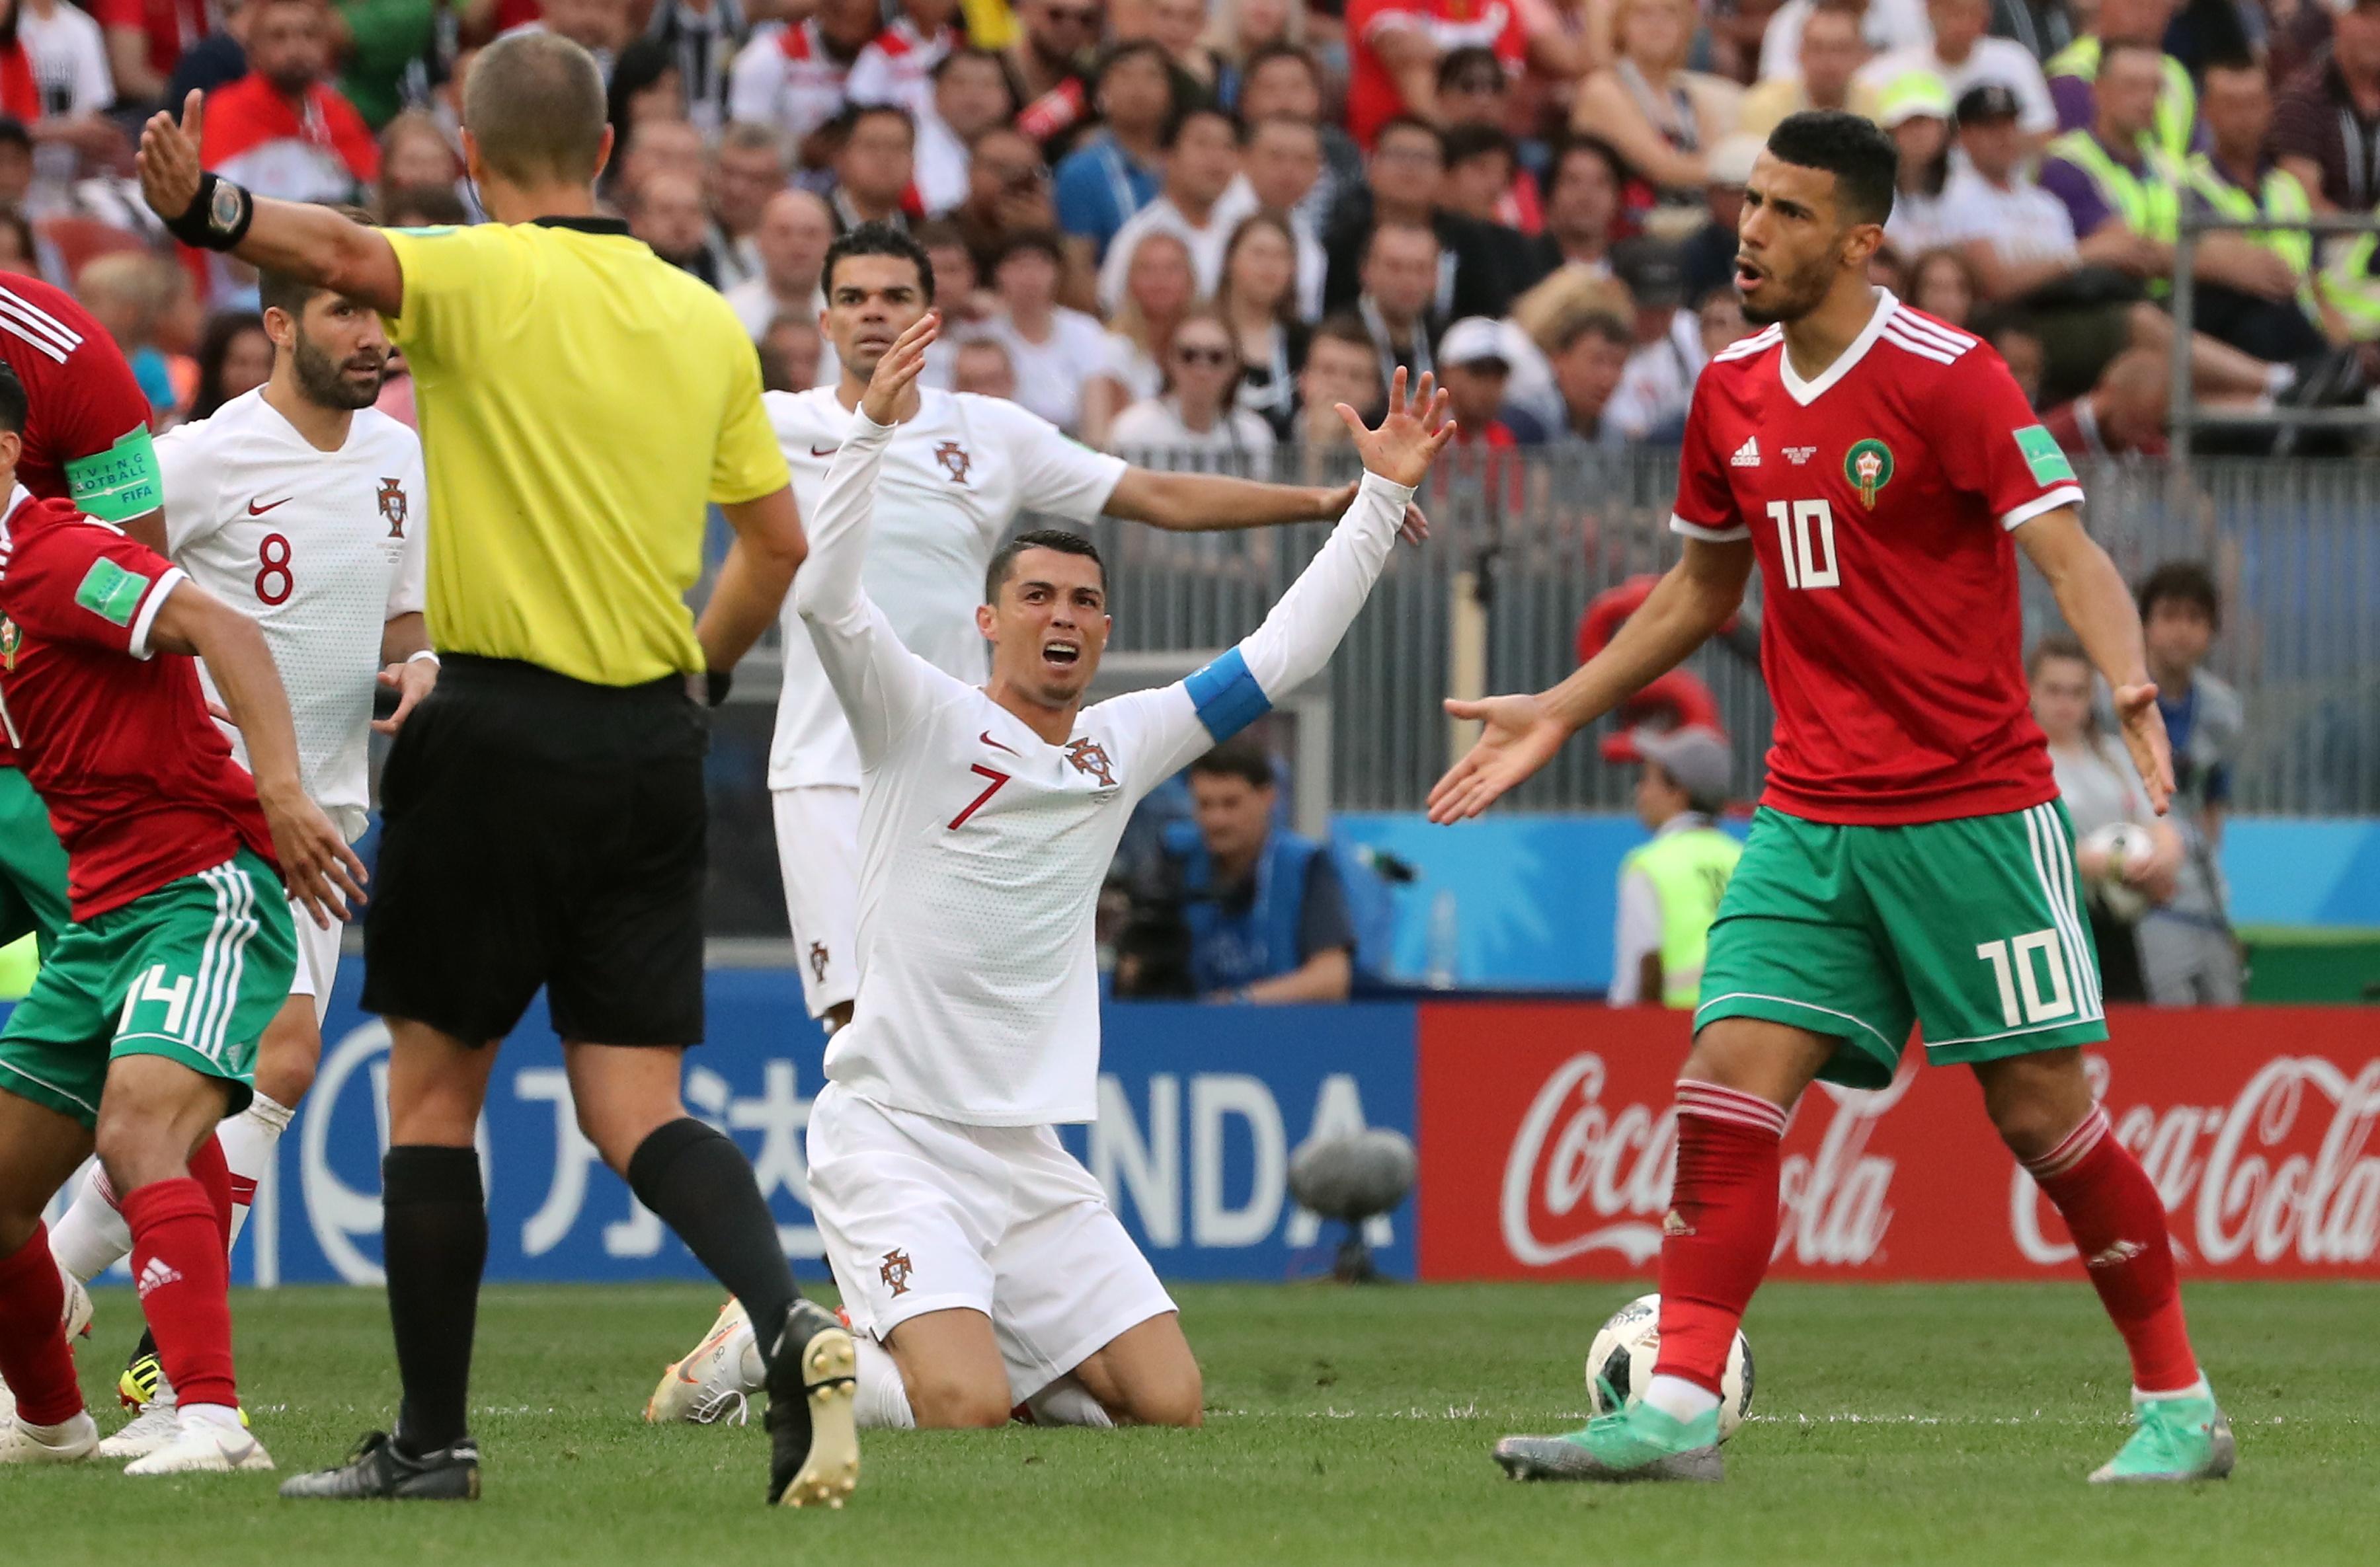 Portugal - Marrocos: Portugal venceu, mas não convenceu guineenses e portugueses